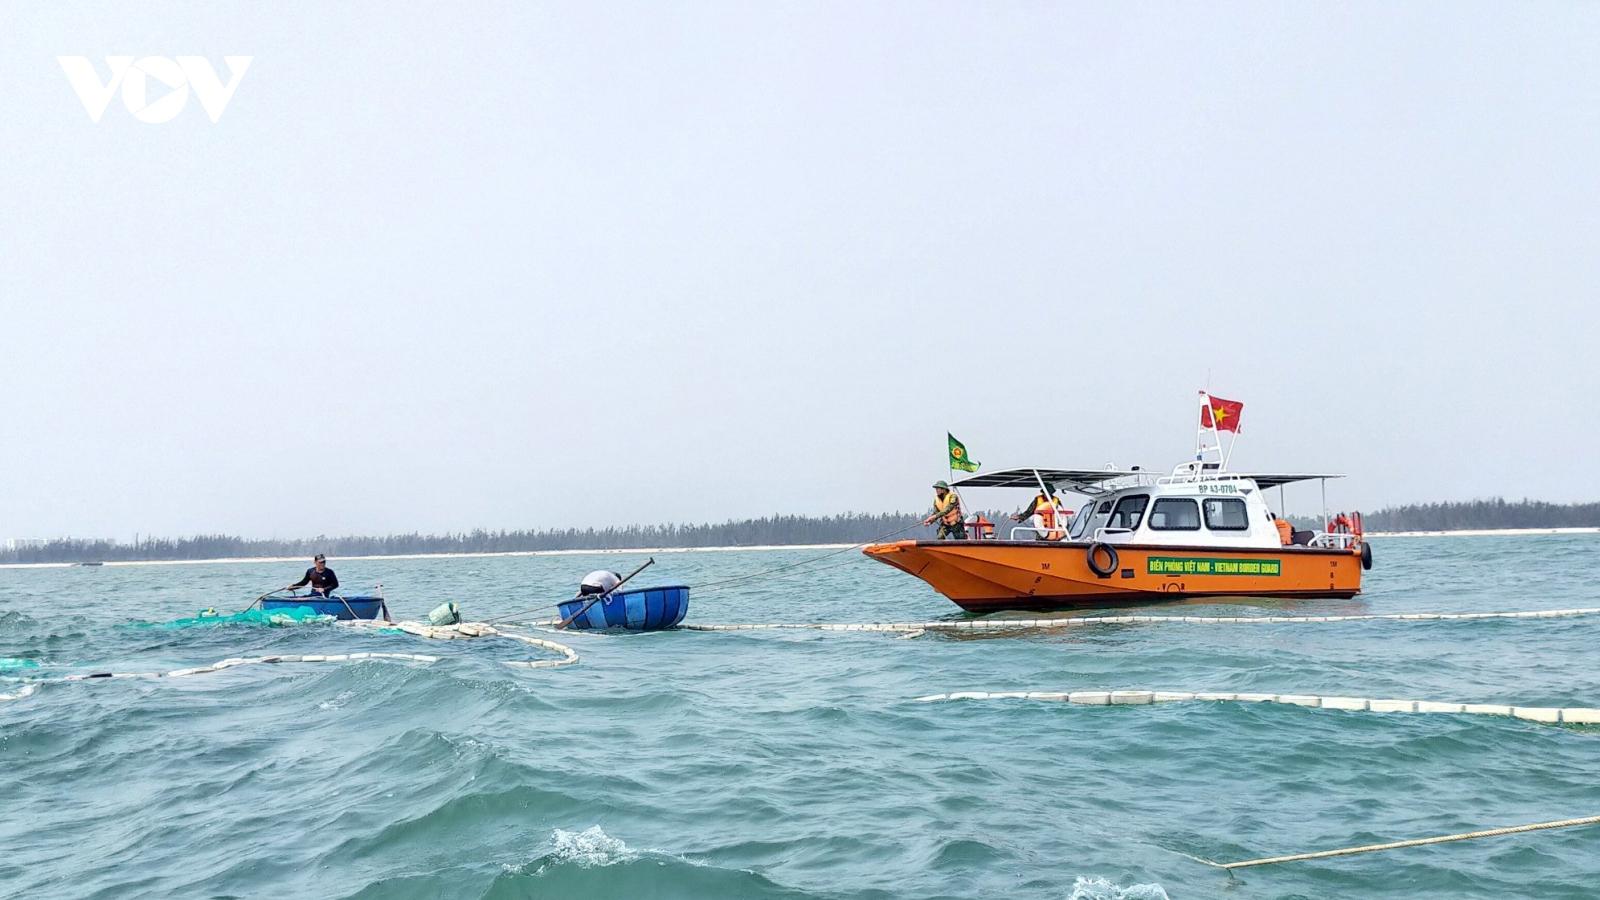 Tàu cá mắc cạn bị chìm trên vùng biển Cửa Đại